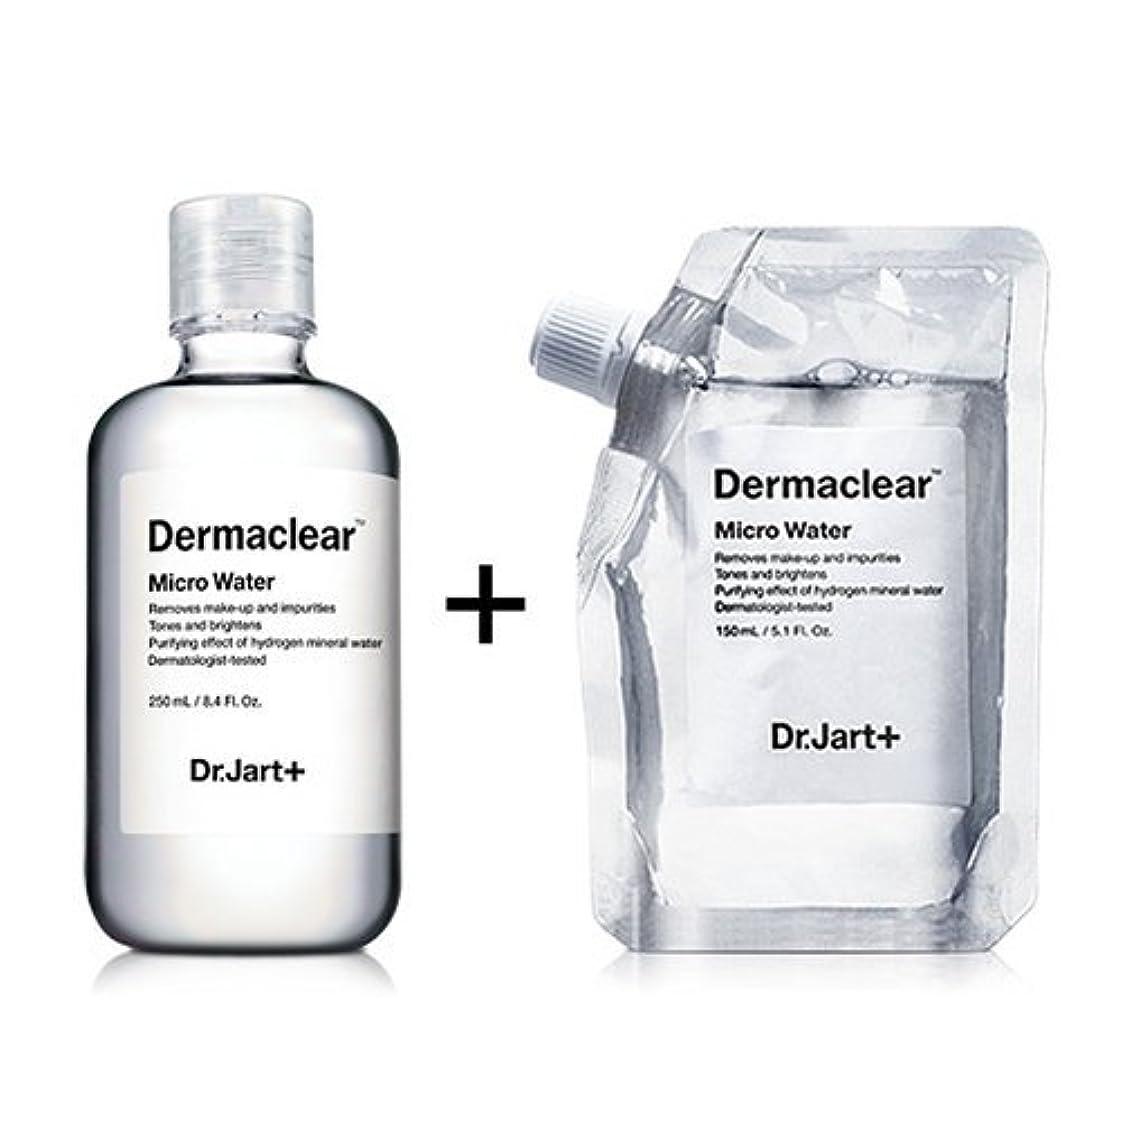 悪因子影代替案ドクタージャルト[韓国コスメ Dr.Jart+]ダーマクリア マイクロ ウォーター250ml+150ml(リフィル) [Dr.Jart+]Dermaclear Micro Water (250ml+150ml)